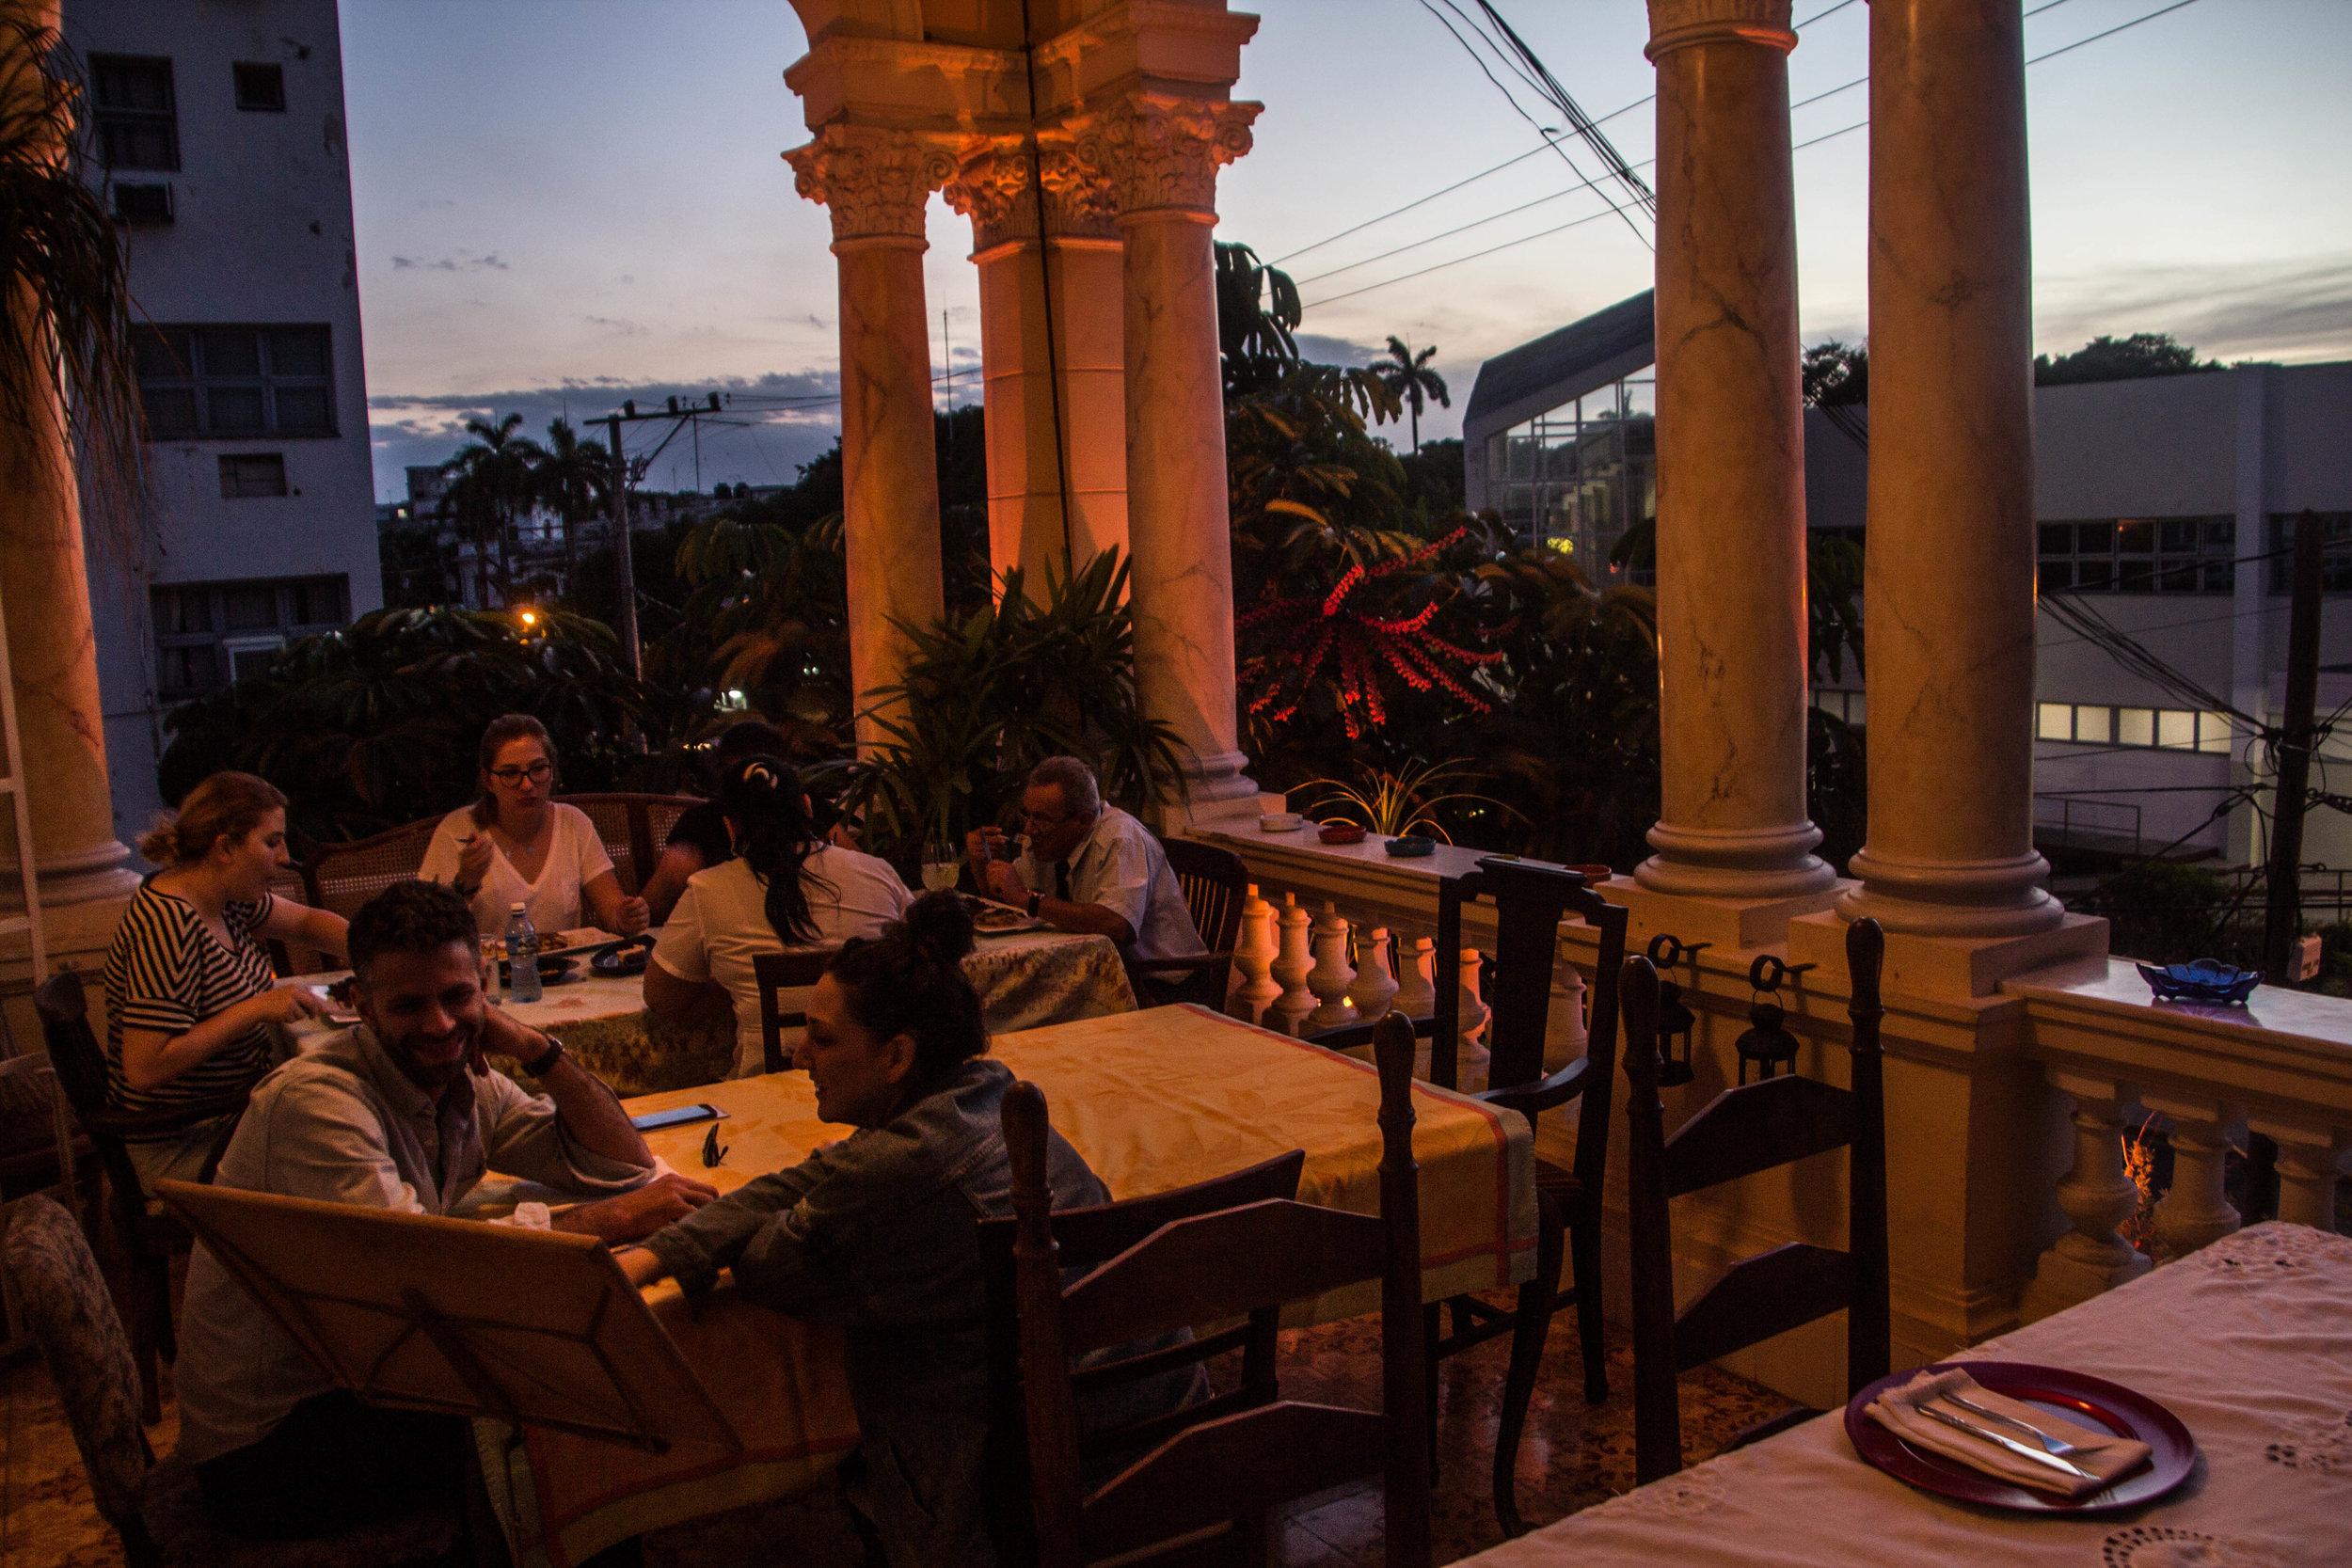 los naranjos restaurant havana cuba-1-5.jpg